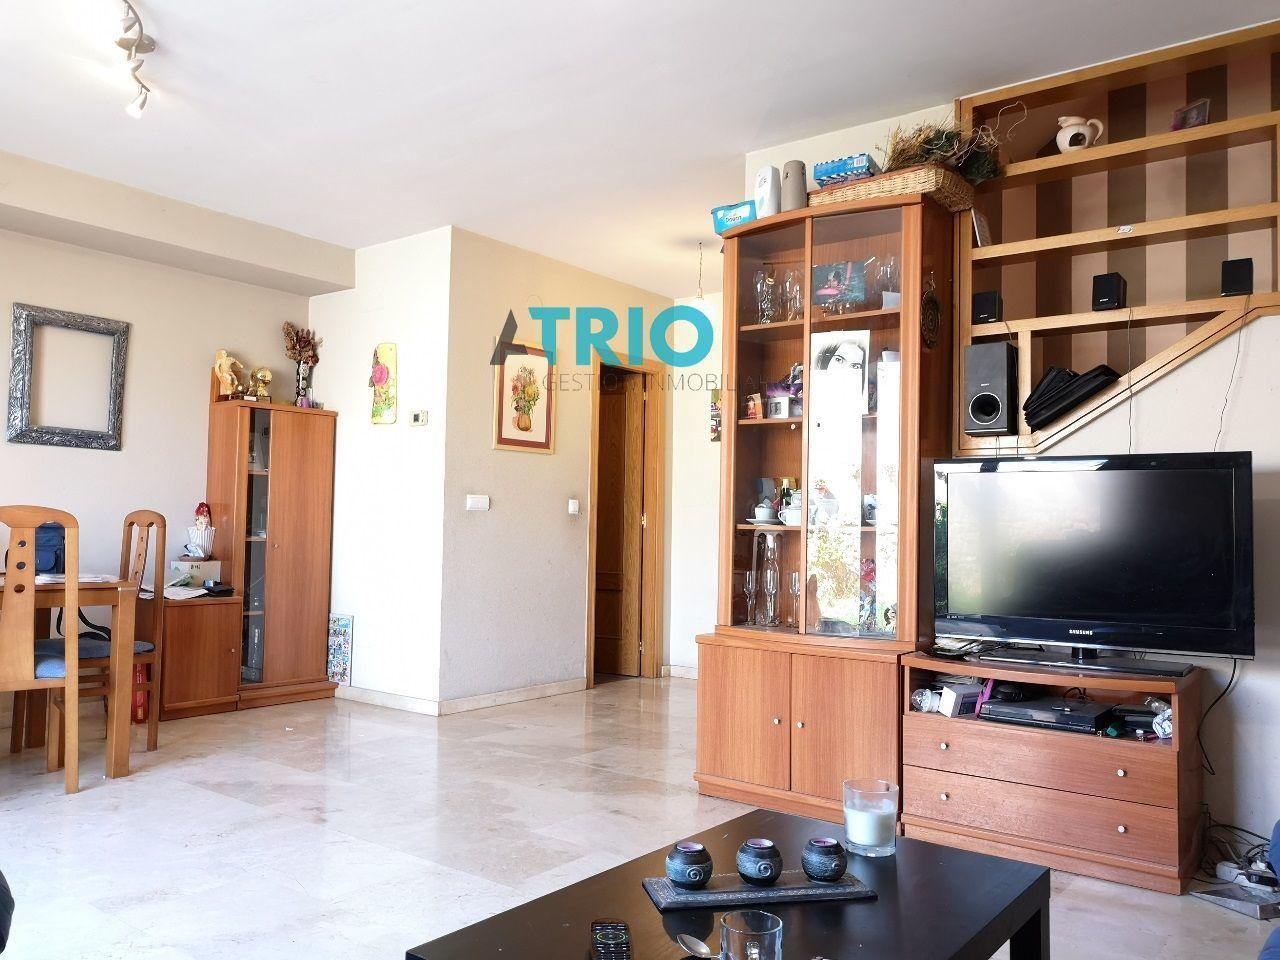 dia.mobiliagestion.es/Portals/inmoatrio/Images/5829/2988533